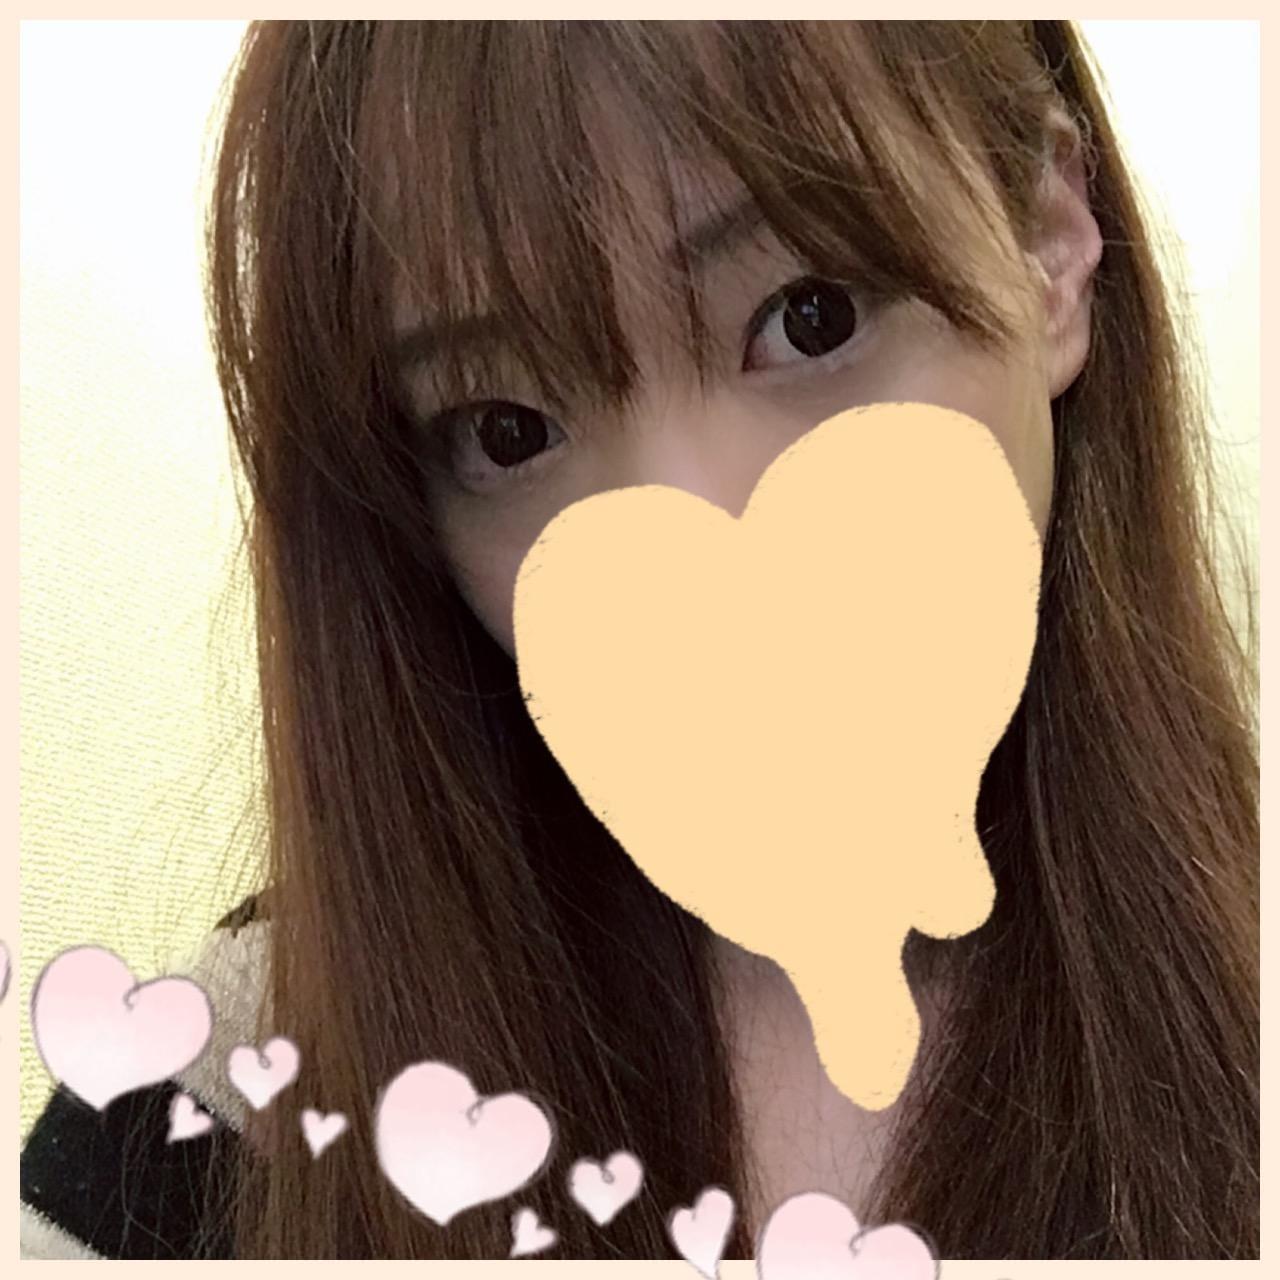 「ダウン…」11/13(火) 16:26 | 真由-まゆの写メ・風俗動画